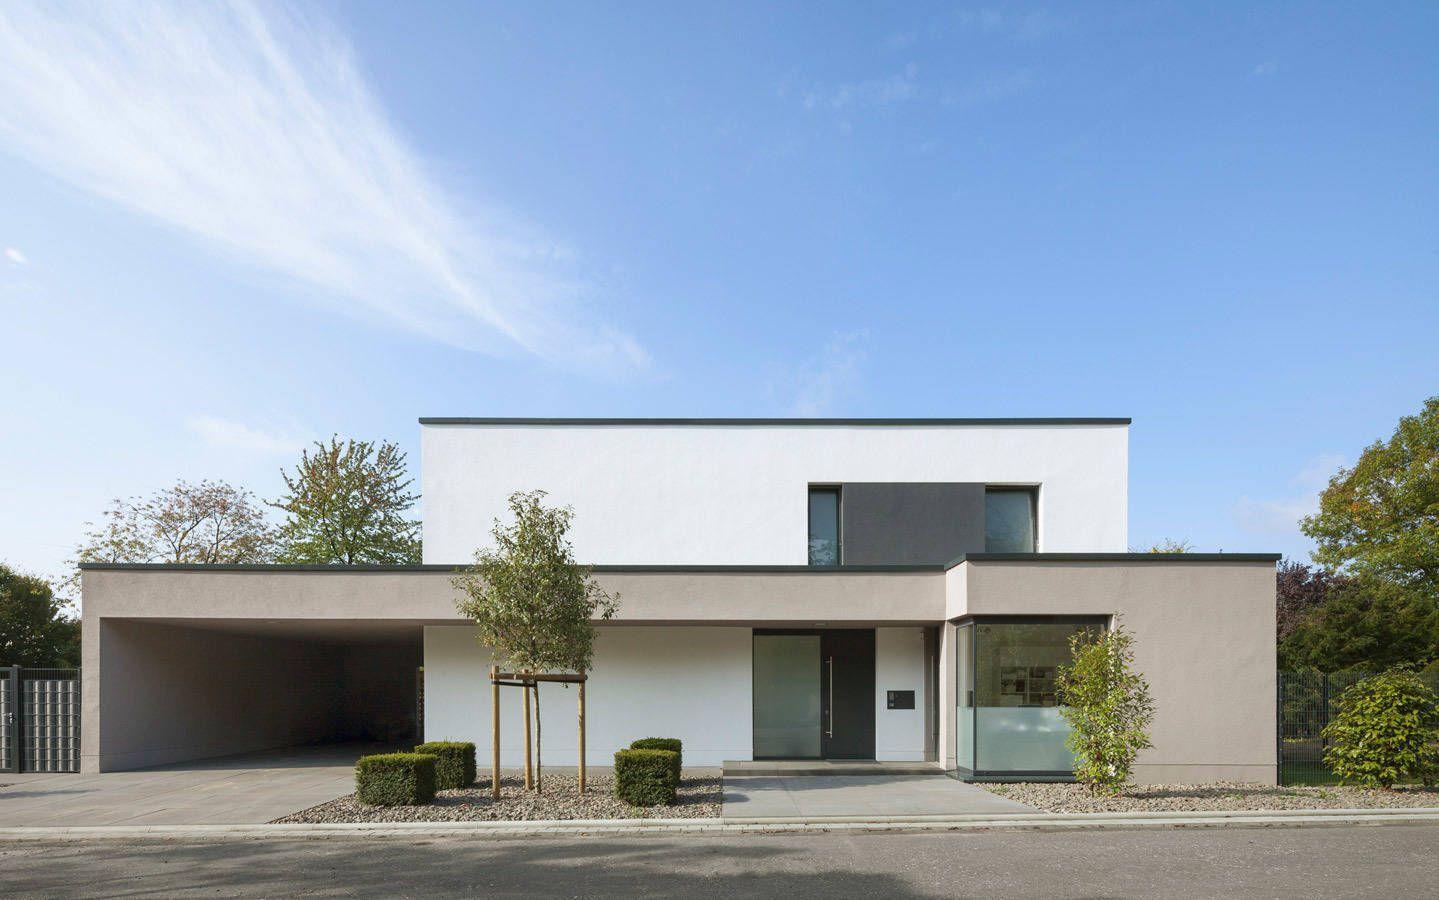 Wohnideen interior design einrichtungsideen bilder for Minimalistisches kleines haus